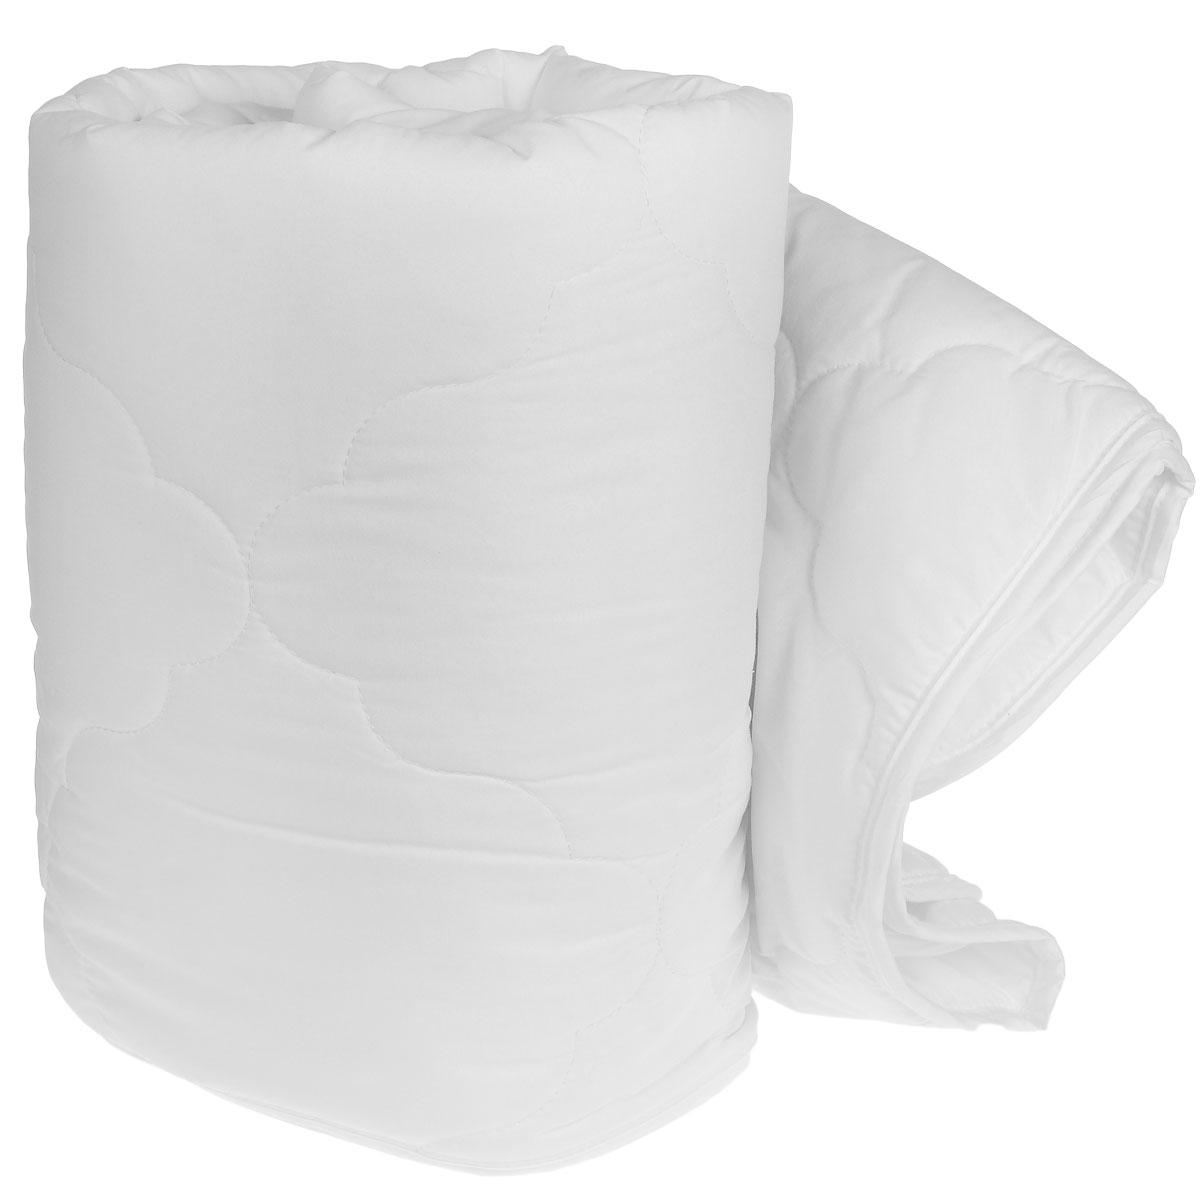 Одеяло легкое Green Line, наполнитель: бамбуковое волокно, цвет: белый, 200 см х 220 см одеяло spatex с запахом шоколада наполнитель полиэстер 200 х 220 см